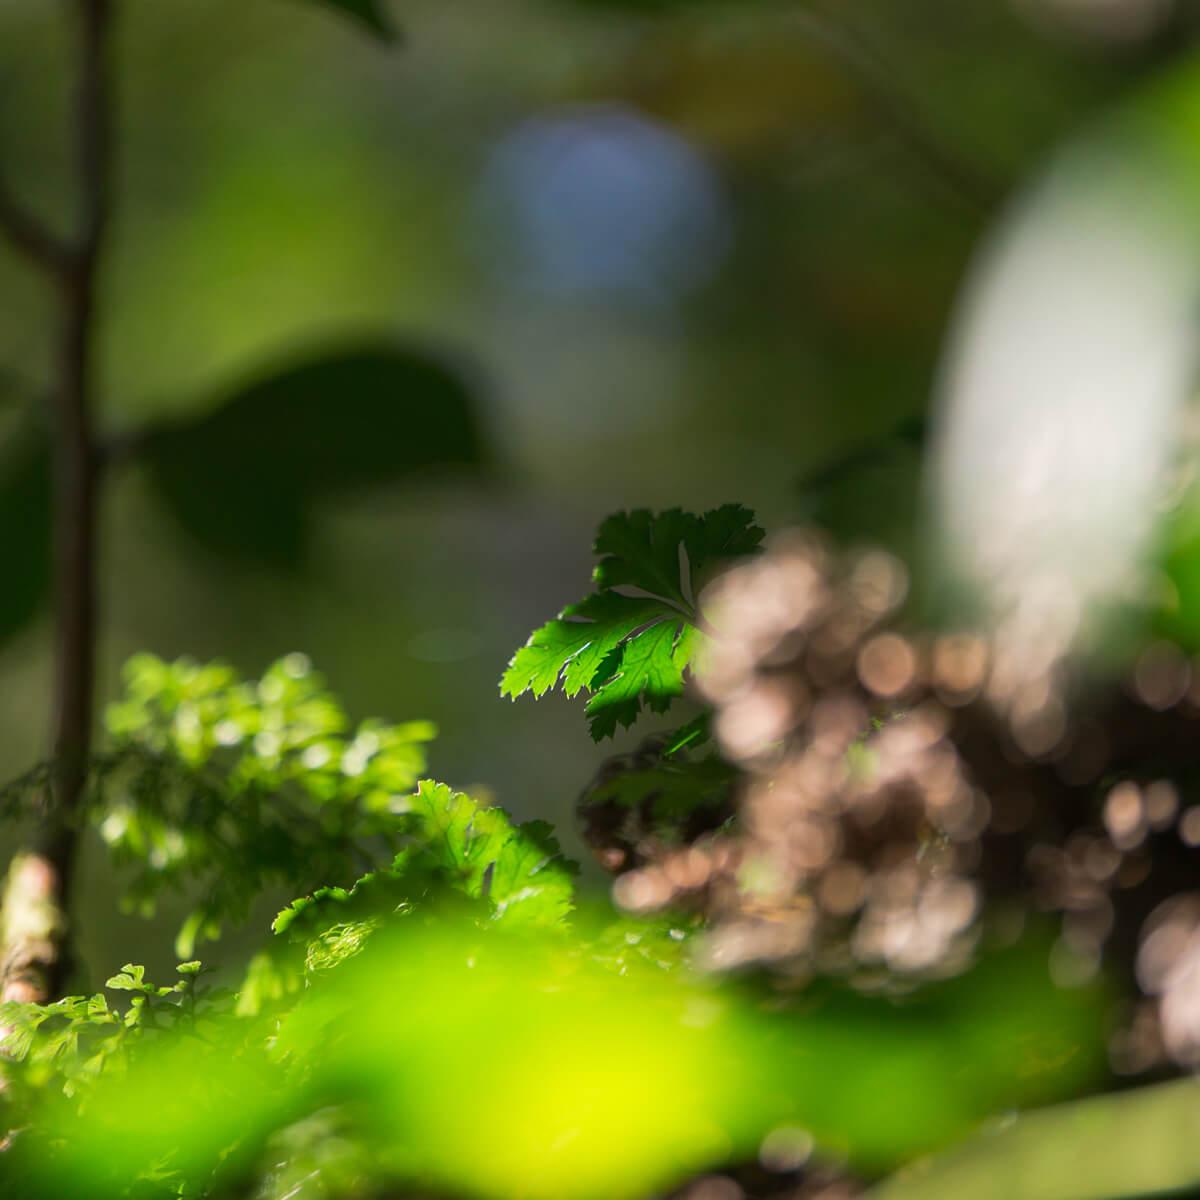 緑の若葉 屋久島 白谷雲水峡 屋久島森とジュエリー オーダーメイドジュエリーのインスピレーション